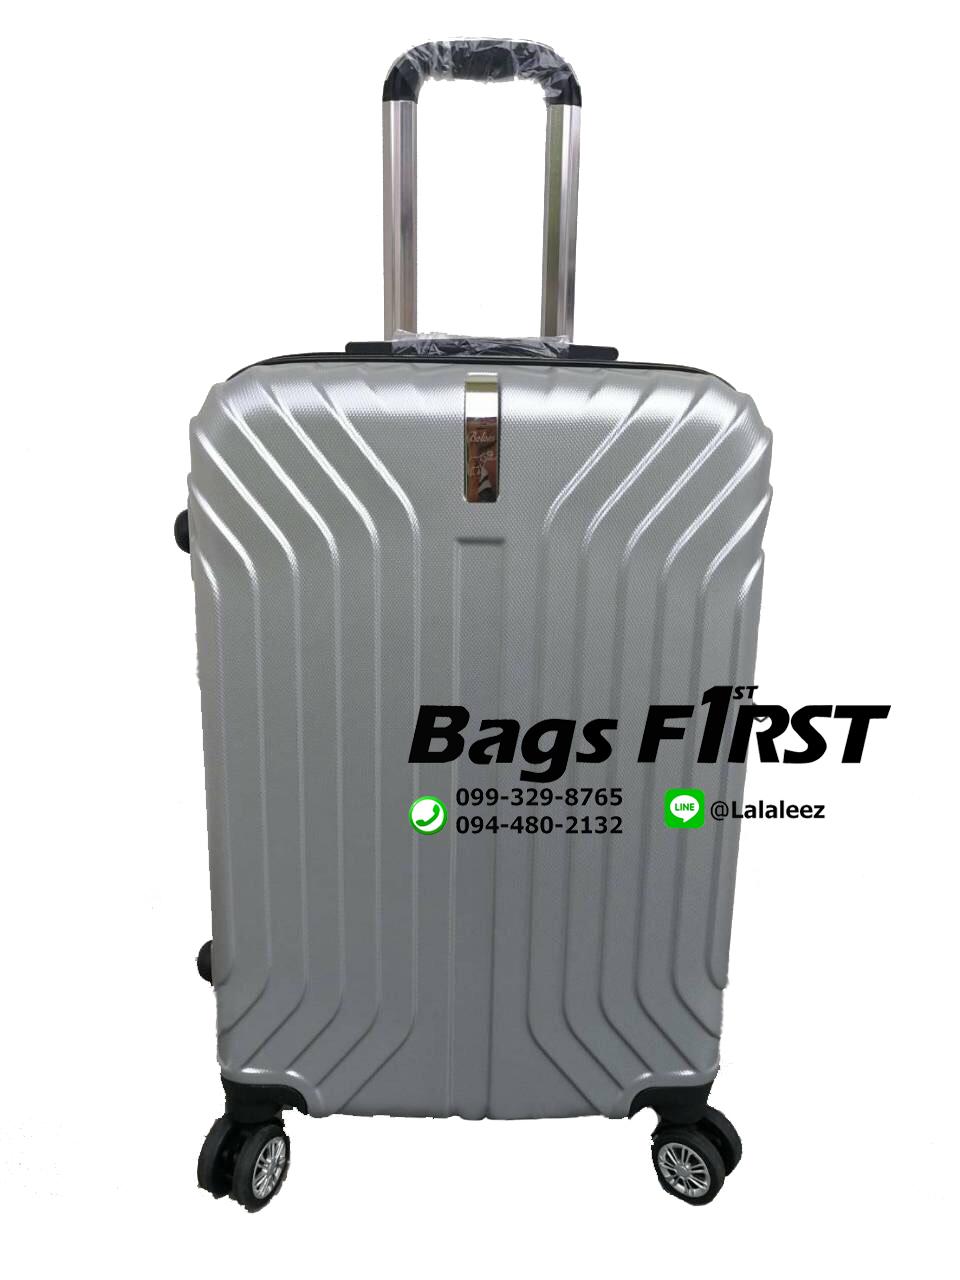 กระเป๋าเดินทาง ไซส์ 20 นิ้ว 4 ล้อลาก สีเงิน (ขายส่ง)